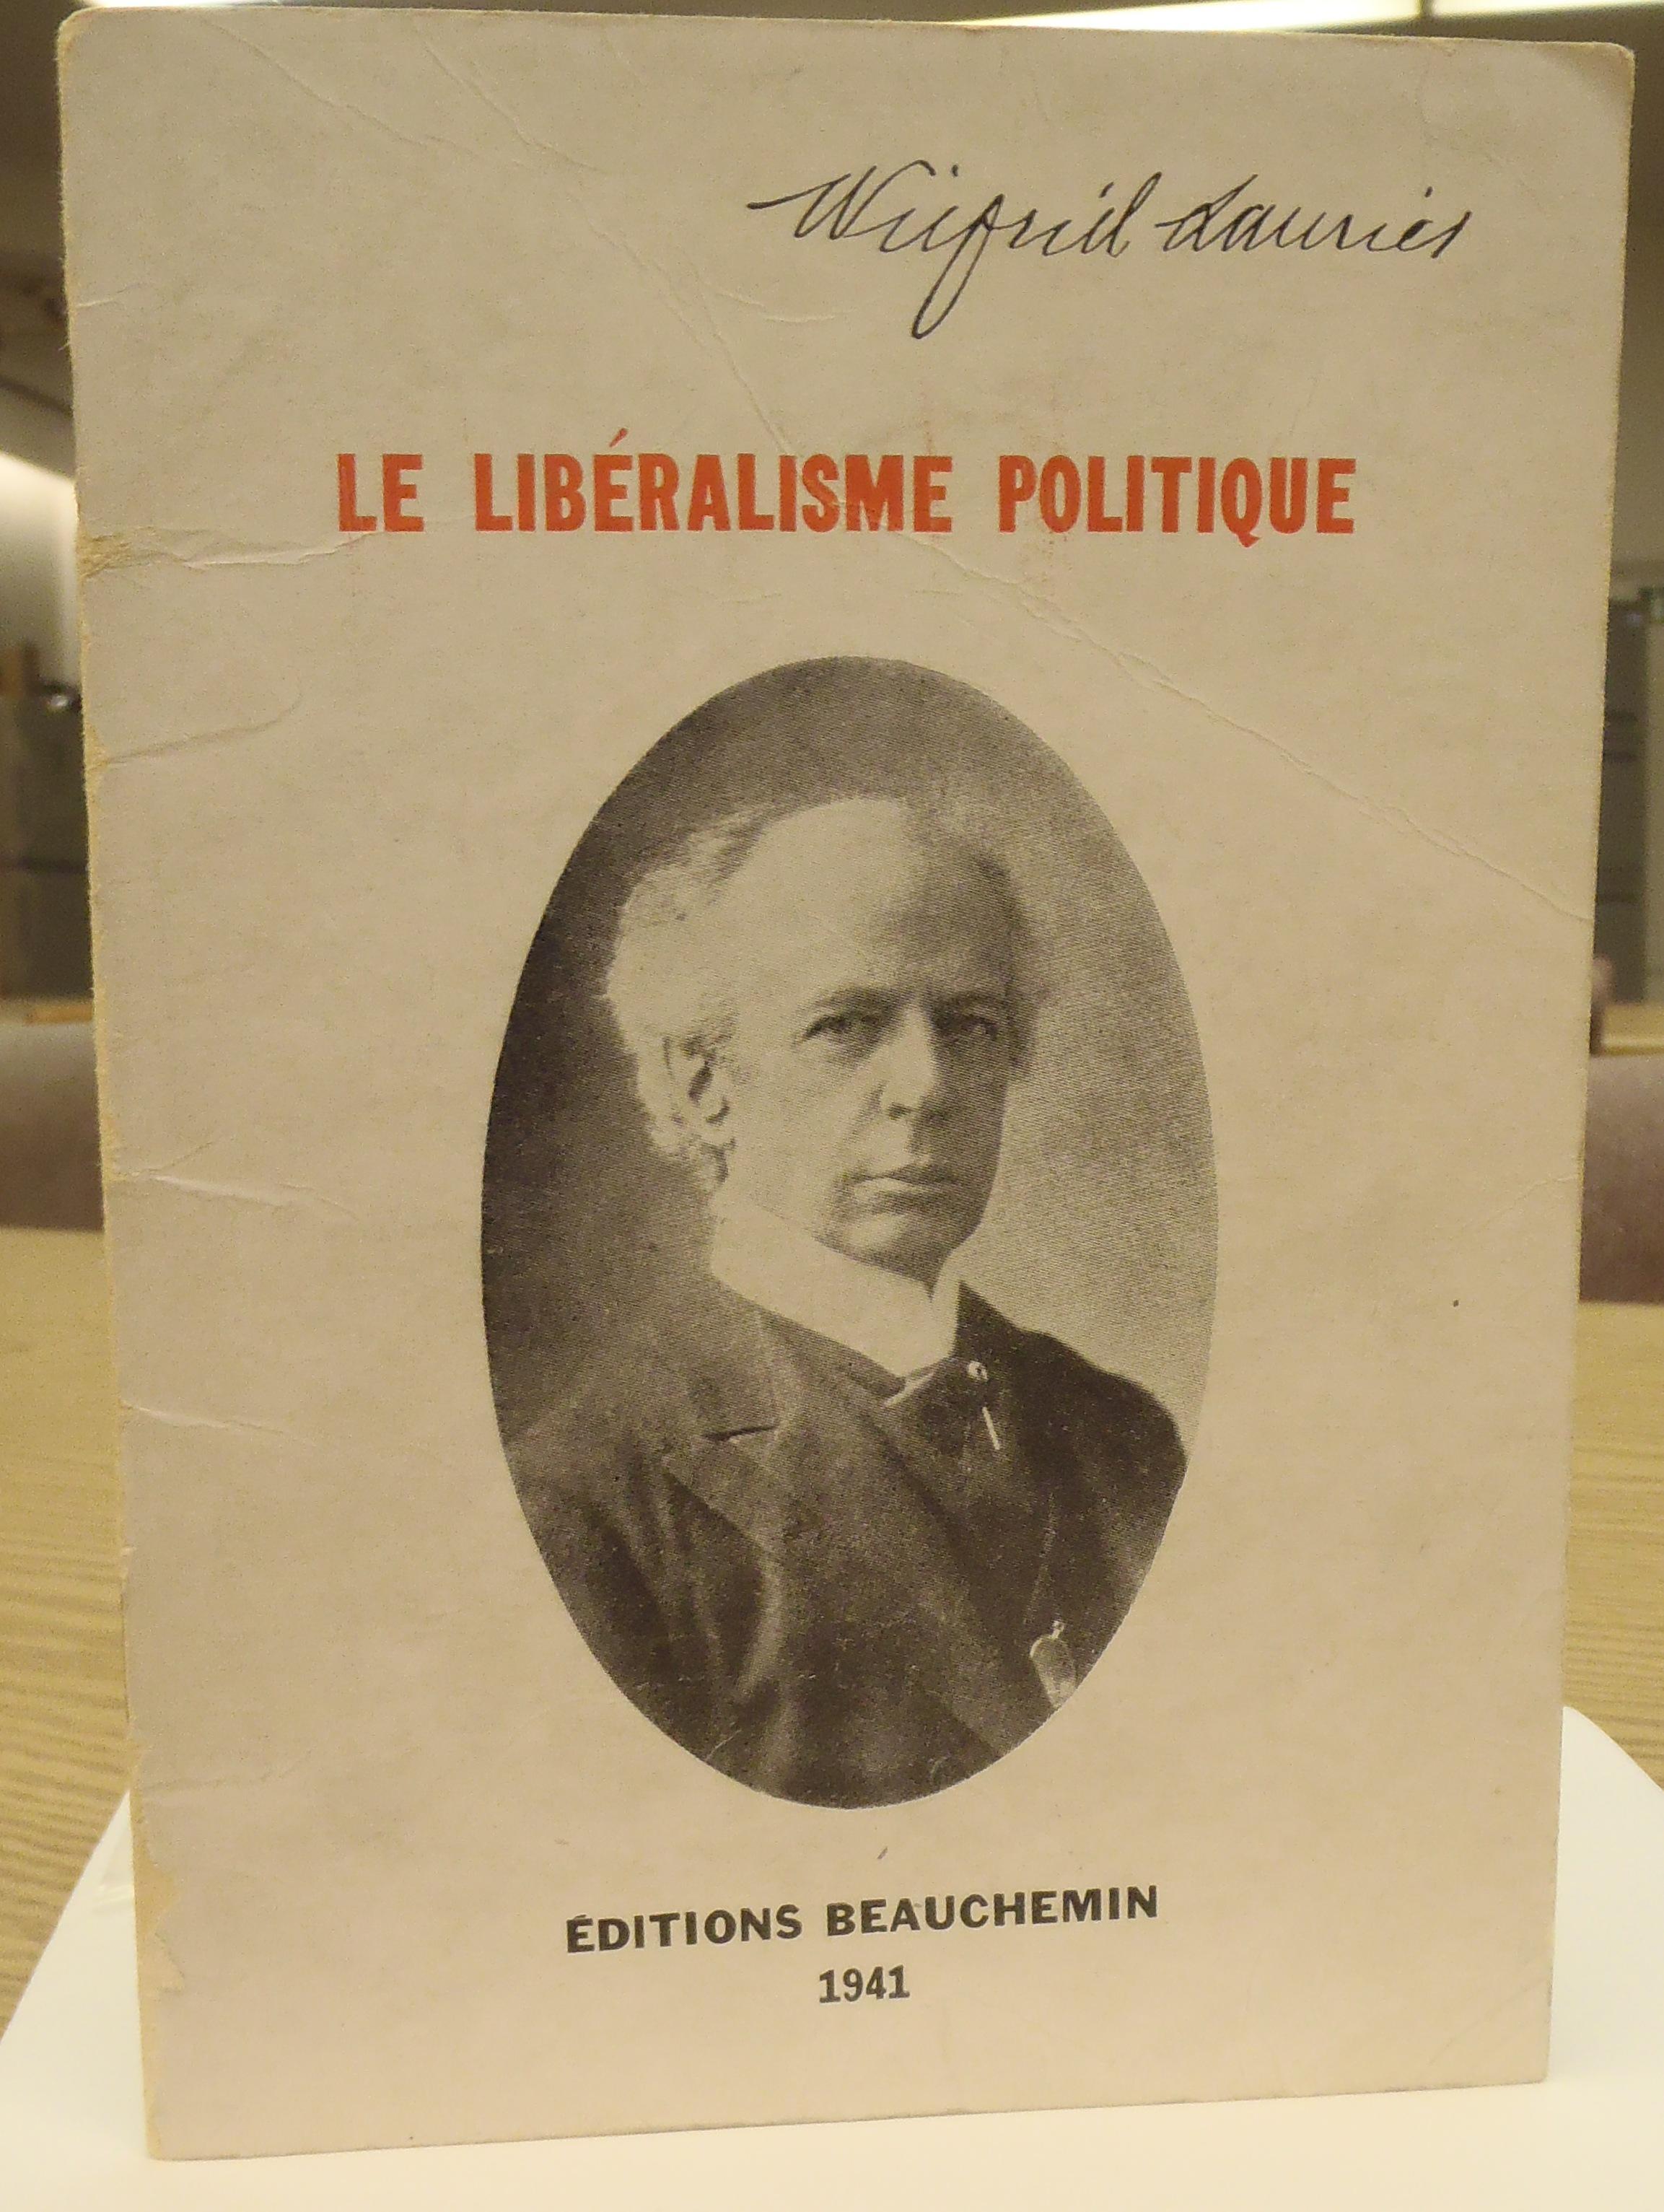 Le libéralisme politique. Réédition de 1941 d'une conférence marquante prononcée par Laurier le 26 juin 1877. Musée canadien de l'histoire, GEN JL 197 L5 L38 1941. Photo : Xavier Gélinas, PB100739